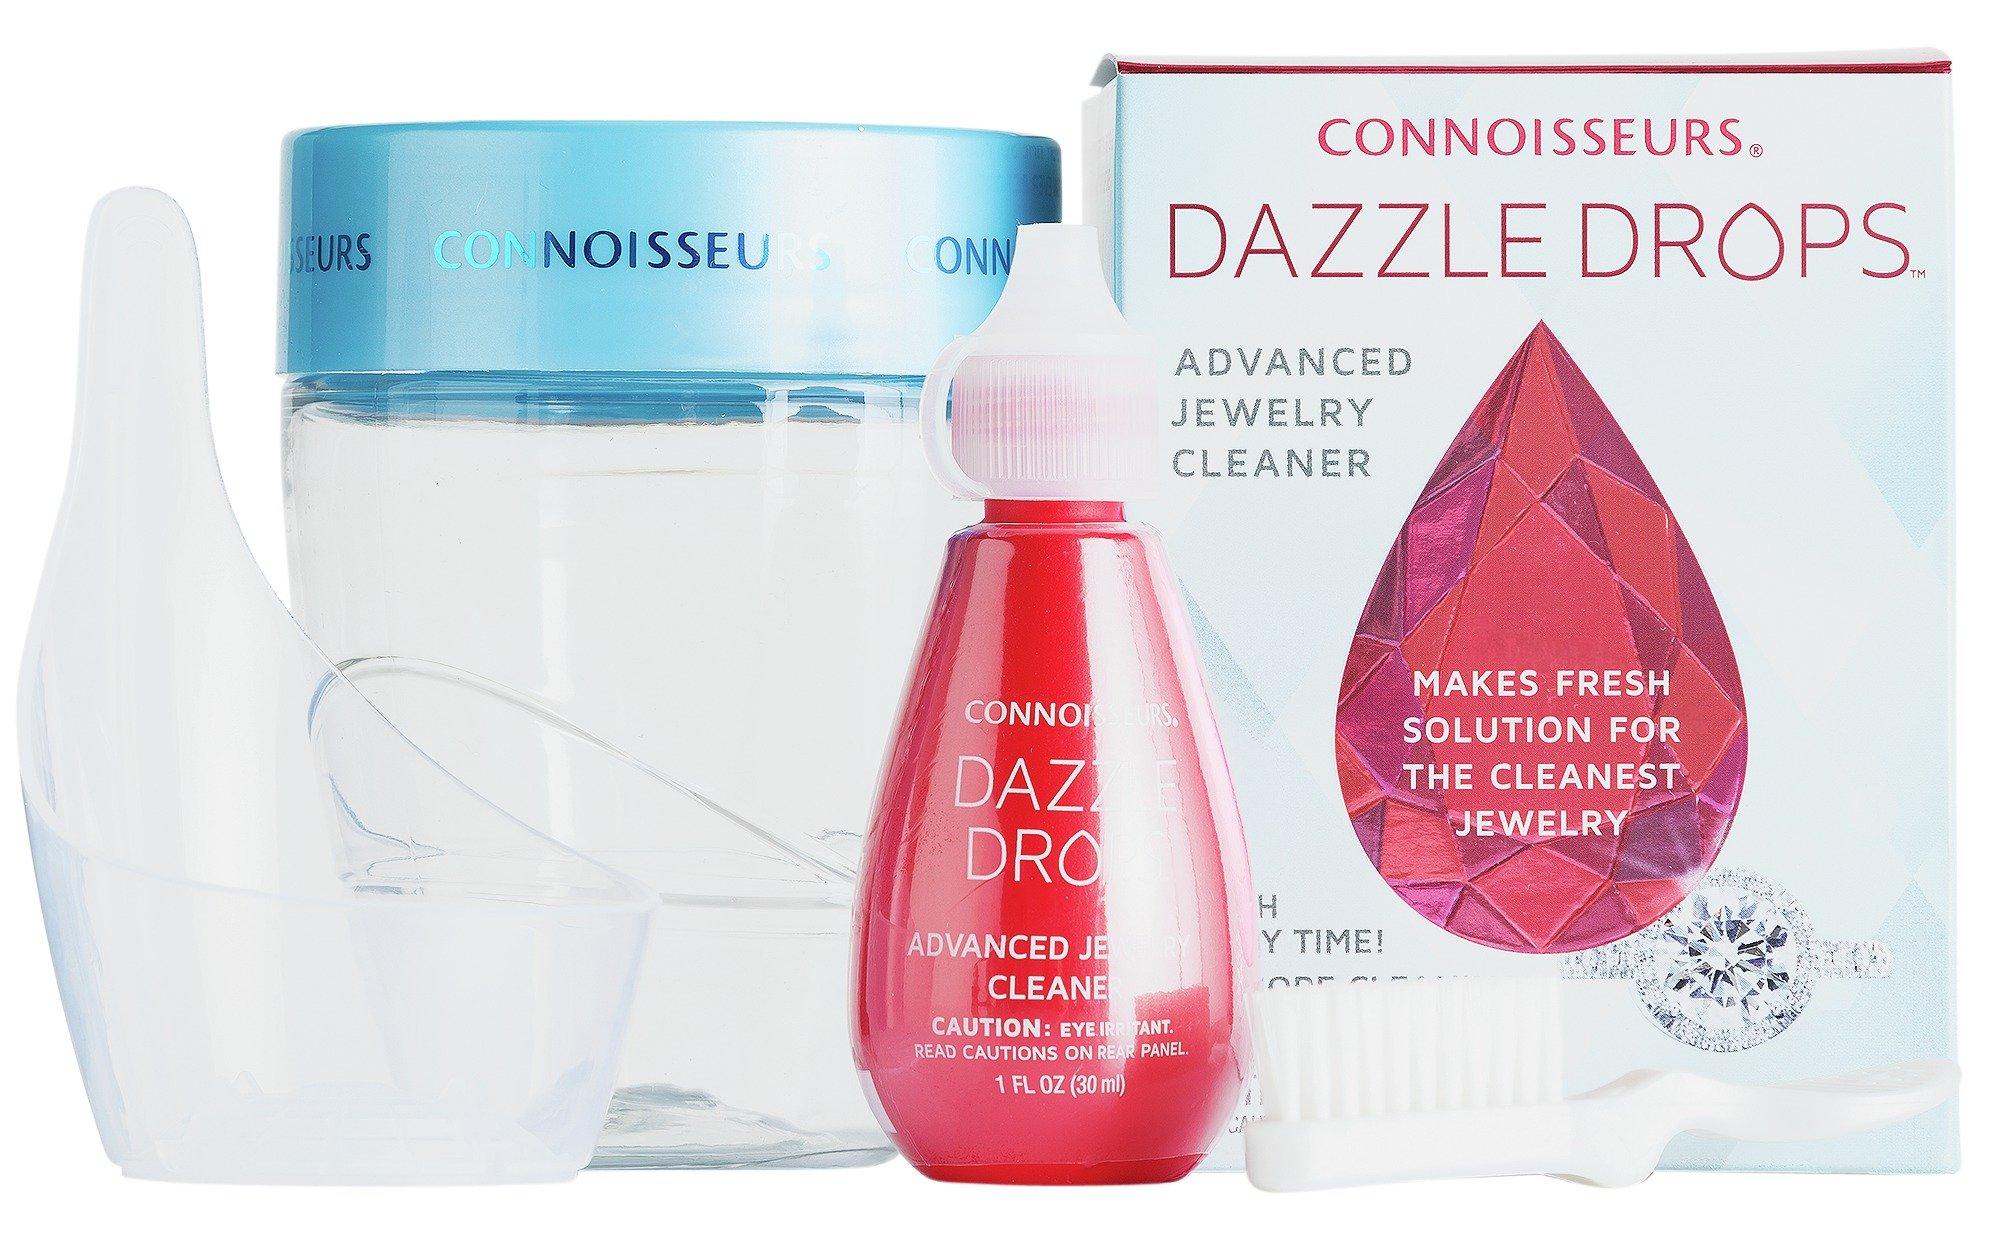 Image of Connoisseurs Advanced Dazzle Drops